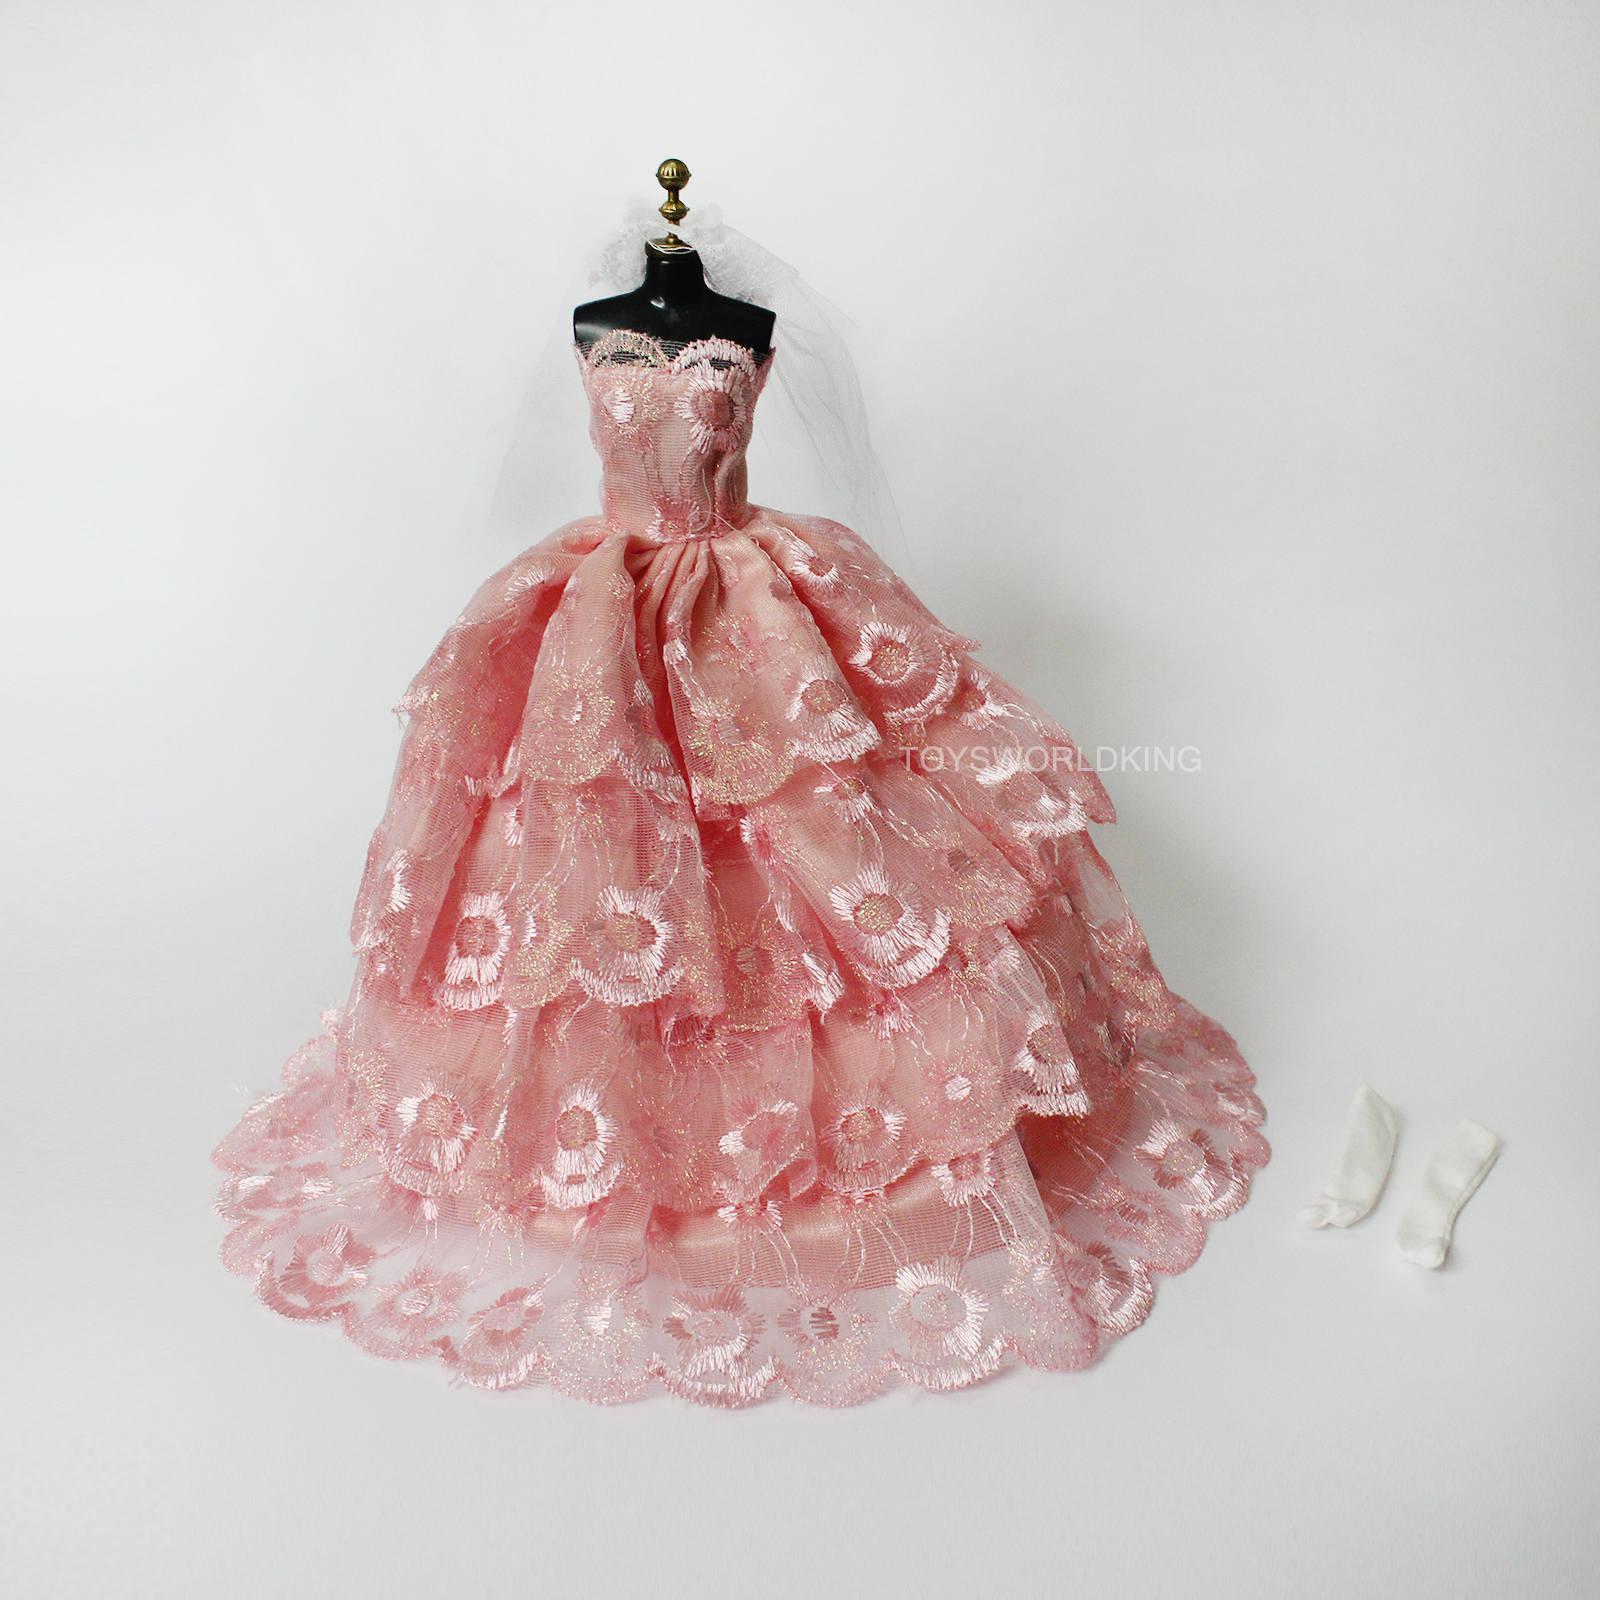 1/6 escala rosa muñeca vestido velo guantes modelo fijado para BJD ...